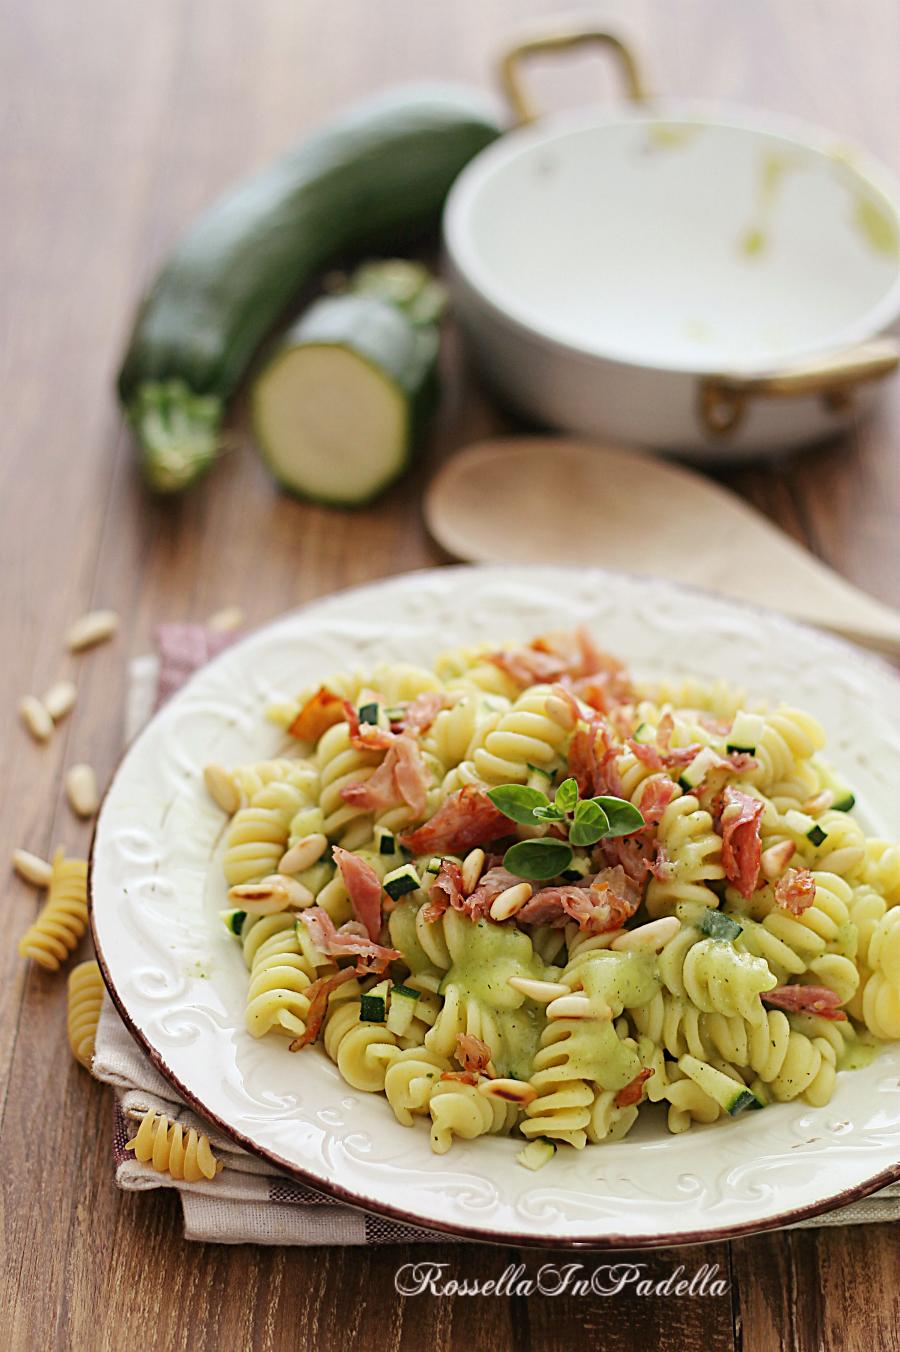 Fusilli con crema di zucchine e pancetta croccante, ricetta pasta con le  zucchine